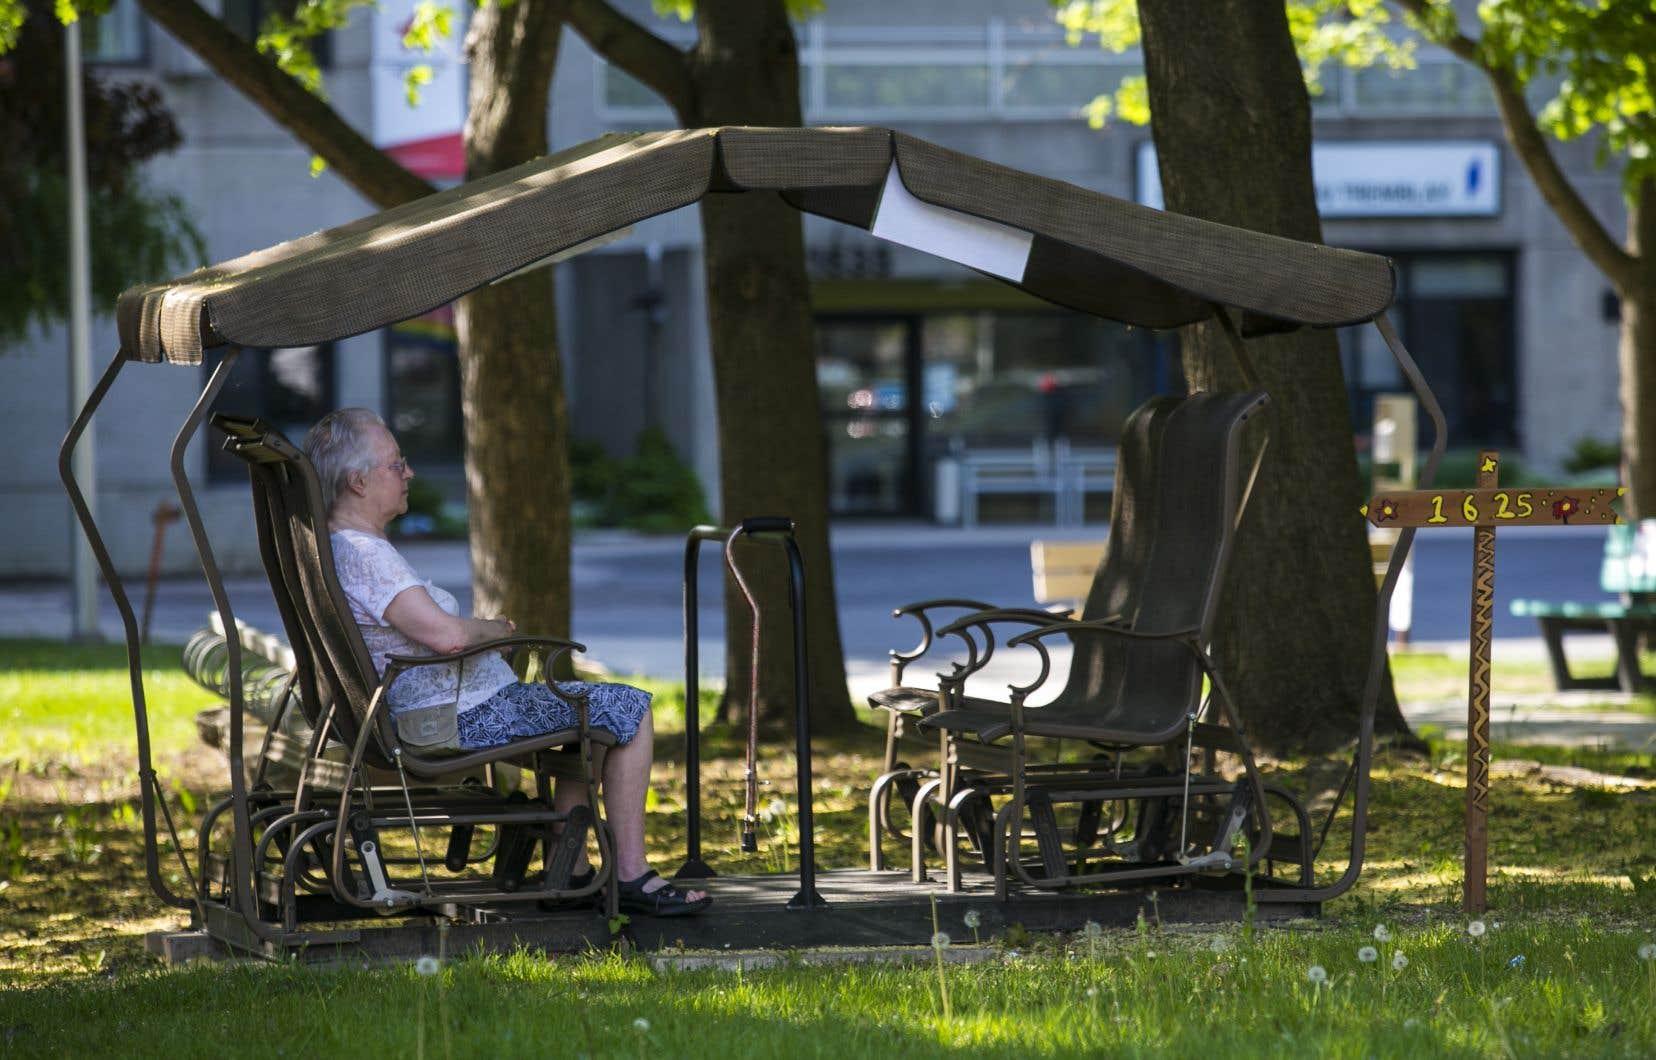 «Le Québec est devenu un modèle en matière de politique familiale. C'est au tour des aînés de bénéficier d'une telle attention sociale», dit l'autrice.